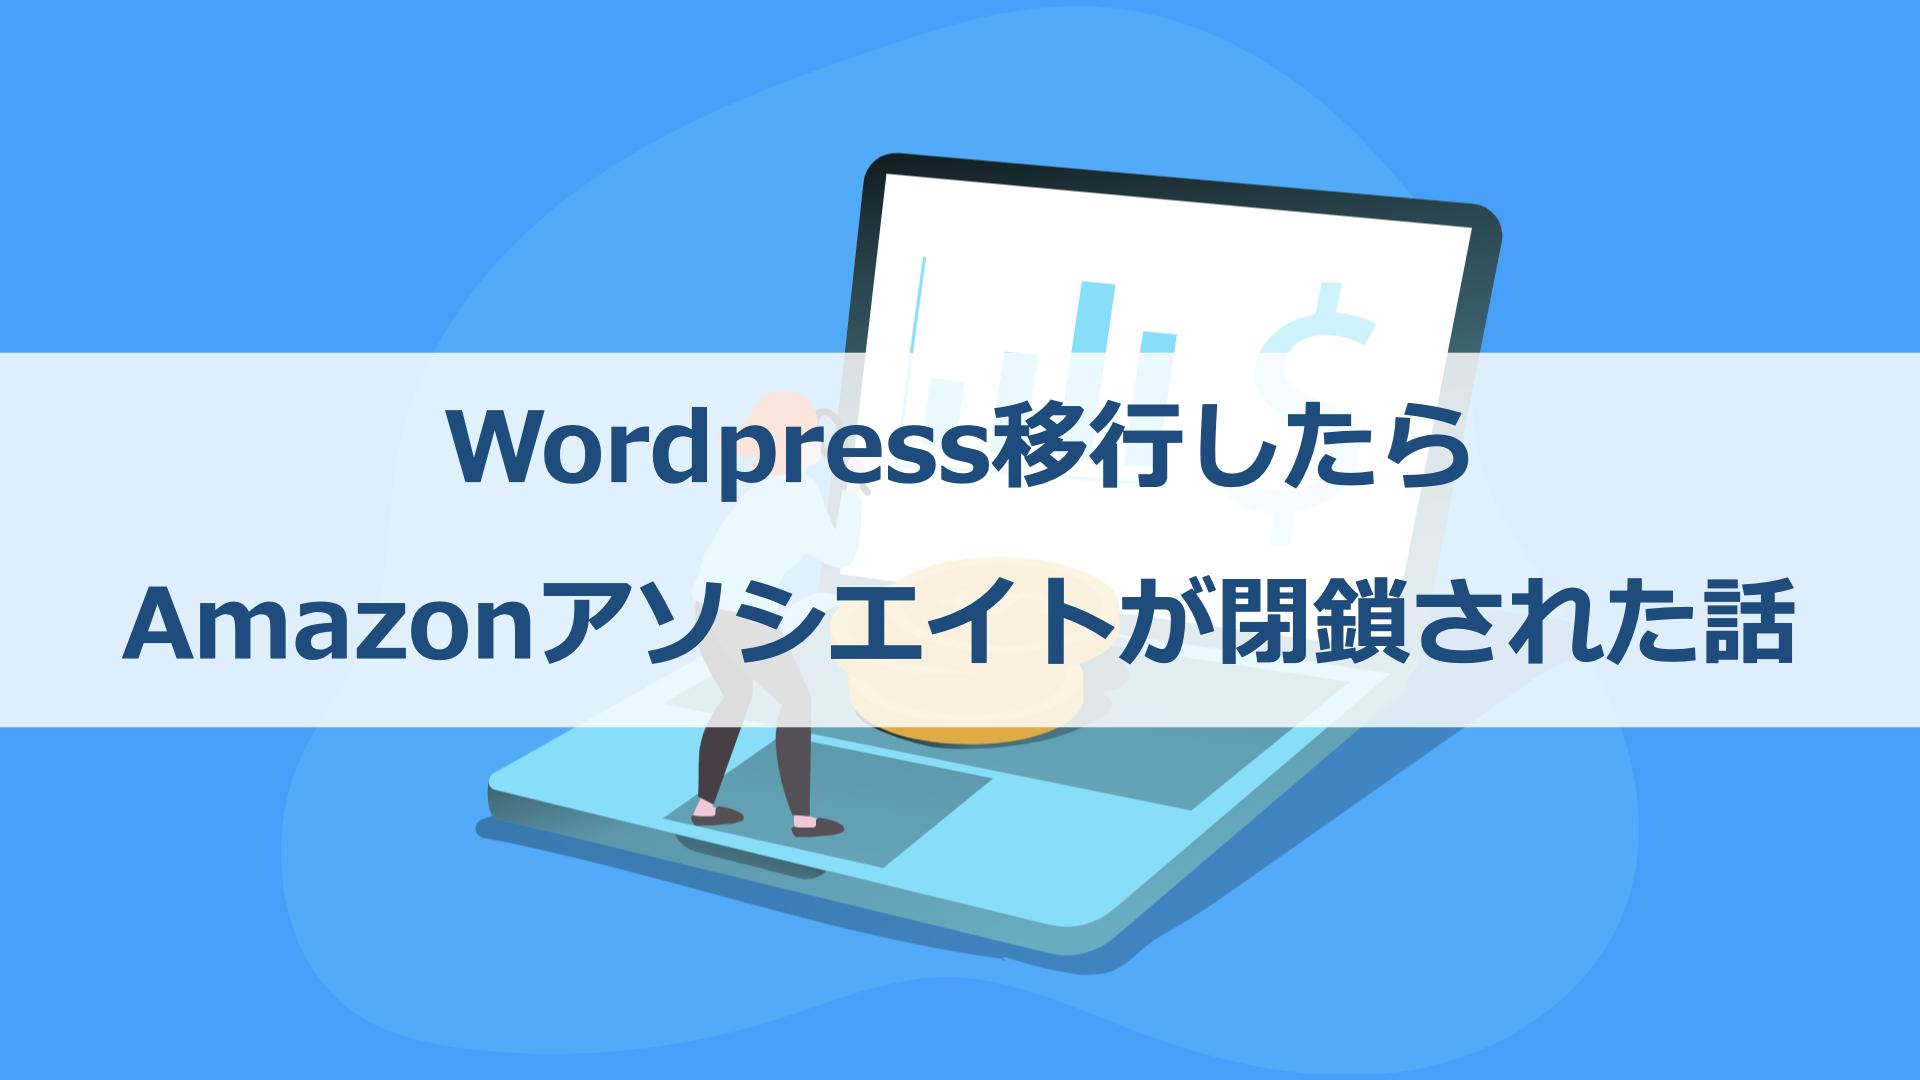 WordPress移行したらAmazonアソシエイトが閉鎖された話